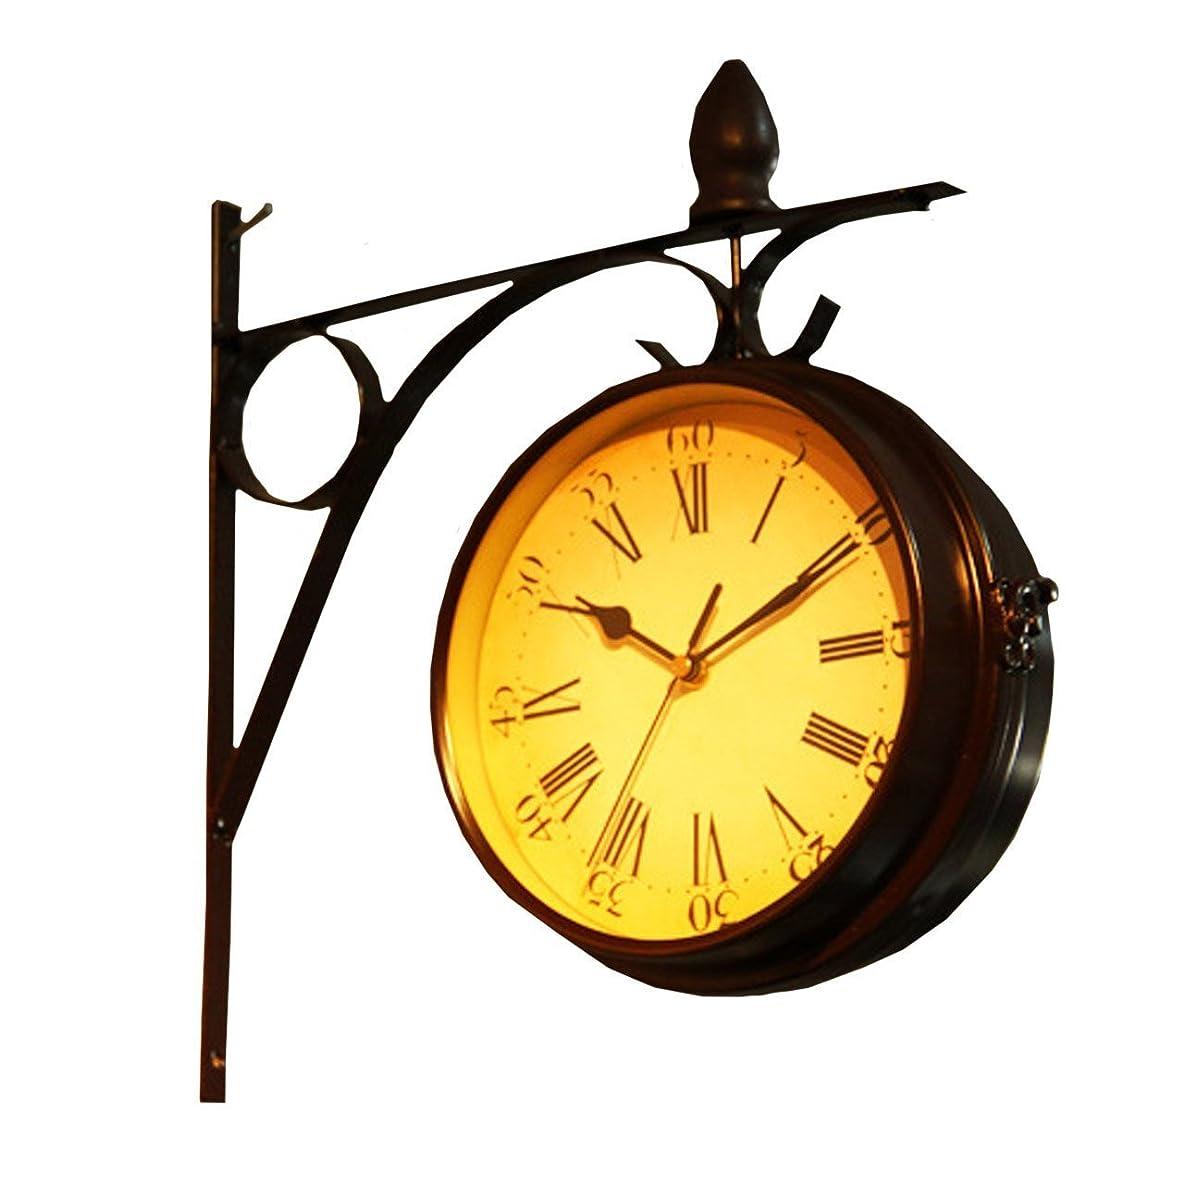 事前リダクター田舎Moana Mahana(モアナマハナ) 両面 掛け時計 壁掛け おしゃれ レトロ 北欧 ヨーロピアン 風 アンティーク クラシック インテリア 雑貨 壁掛け時計